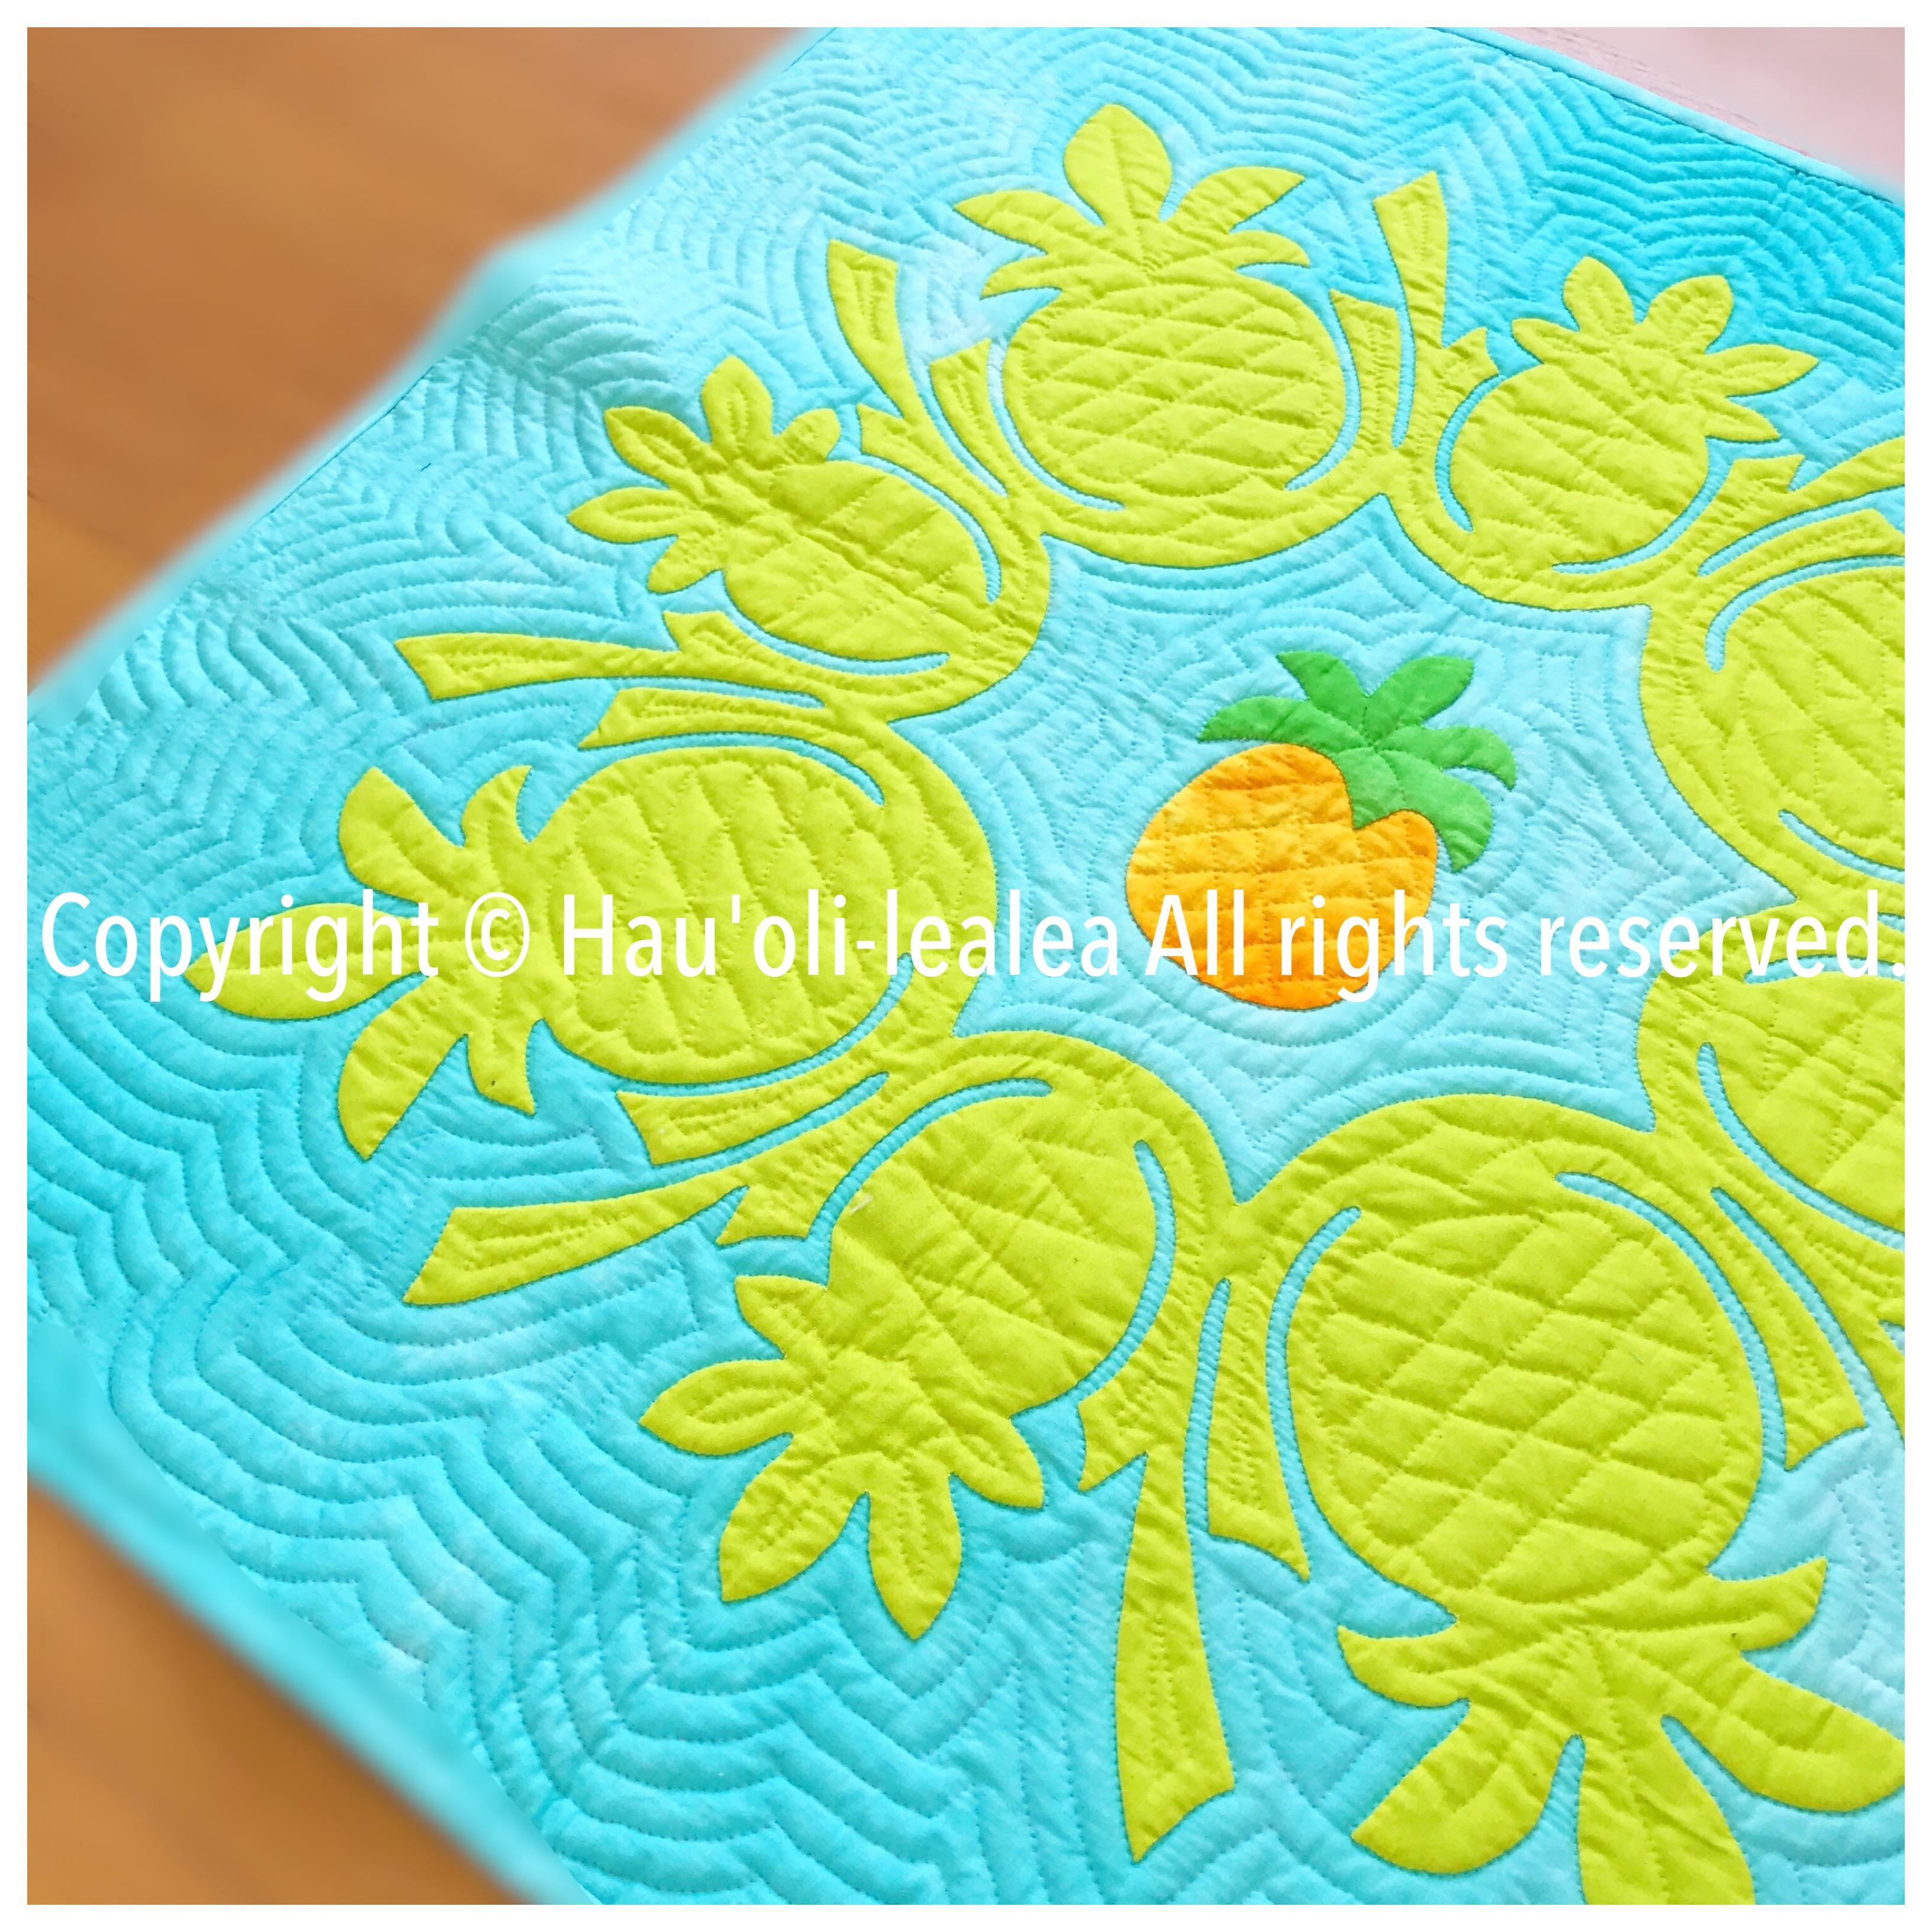 パイナップルのタペストリー * キット&パターン 追加致しました!